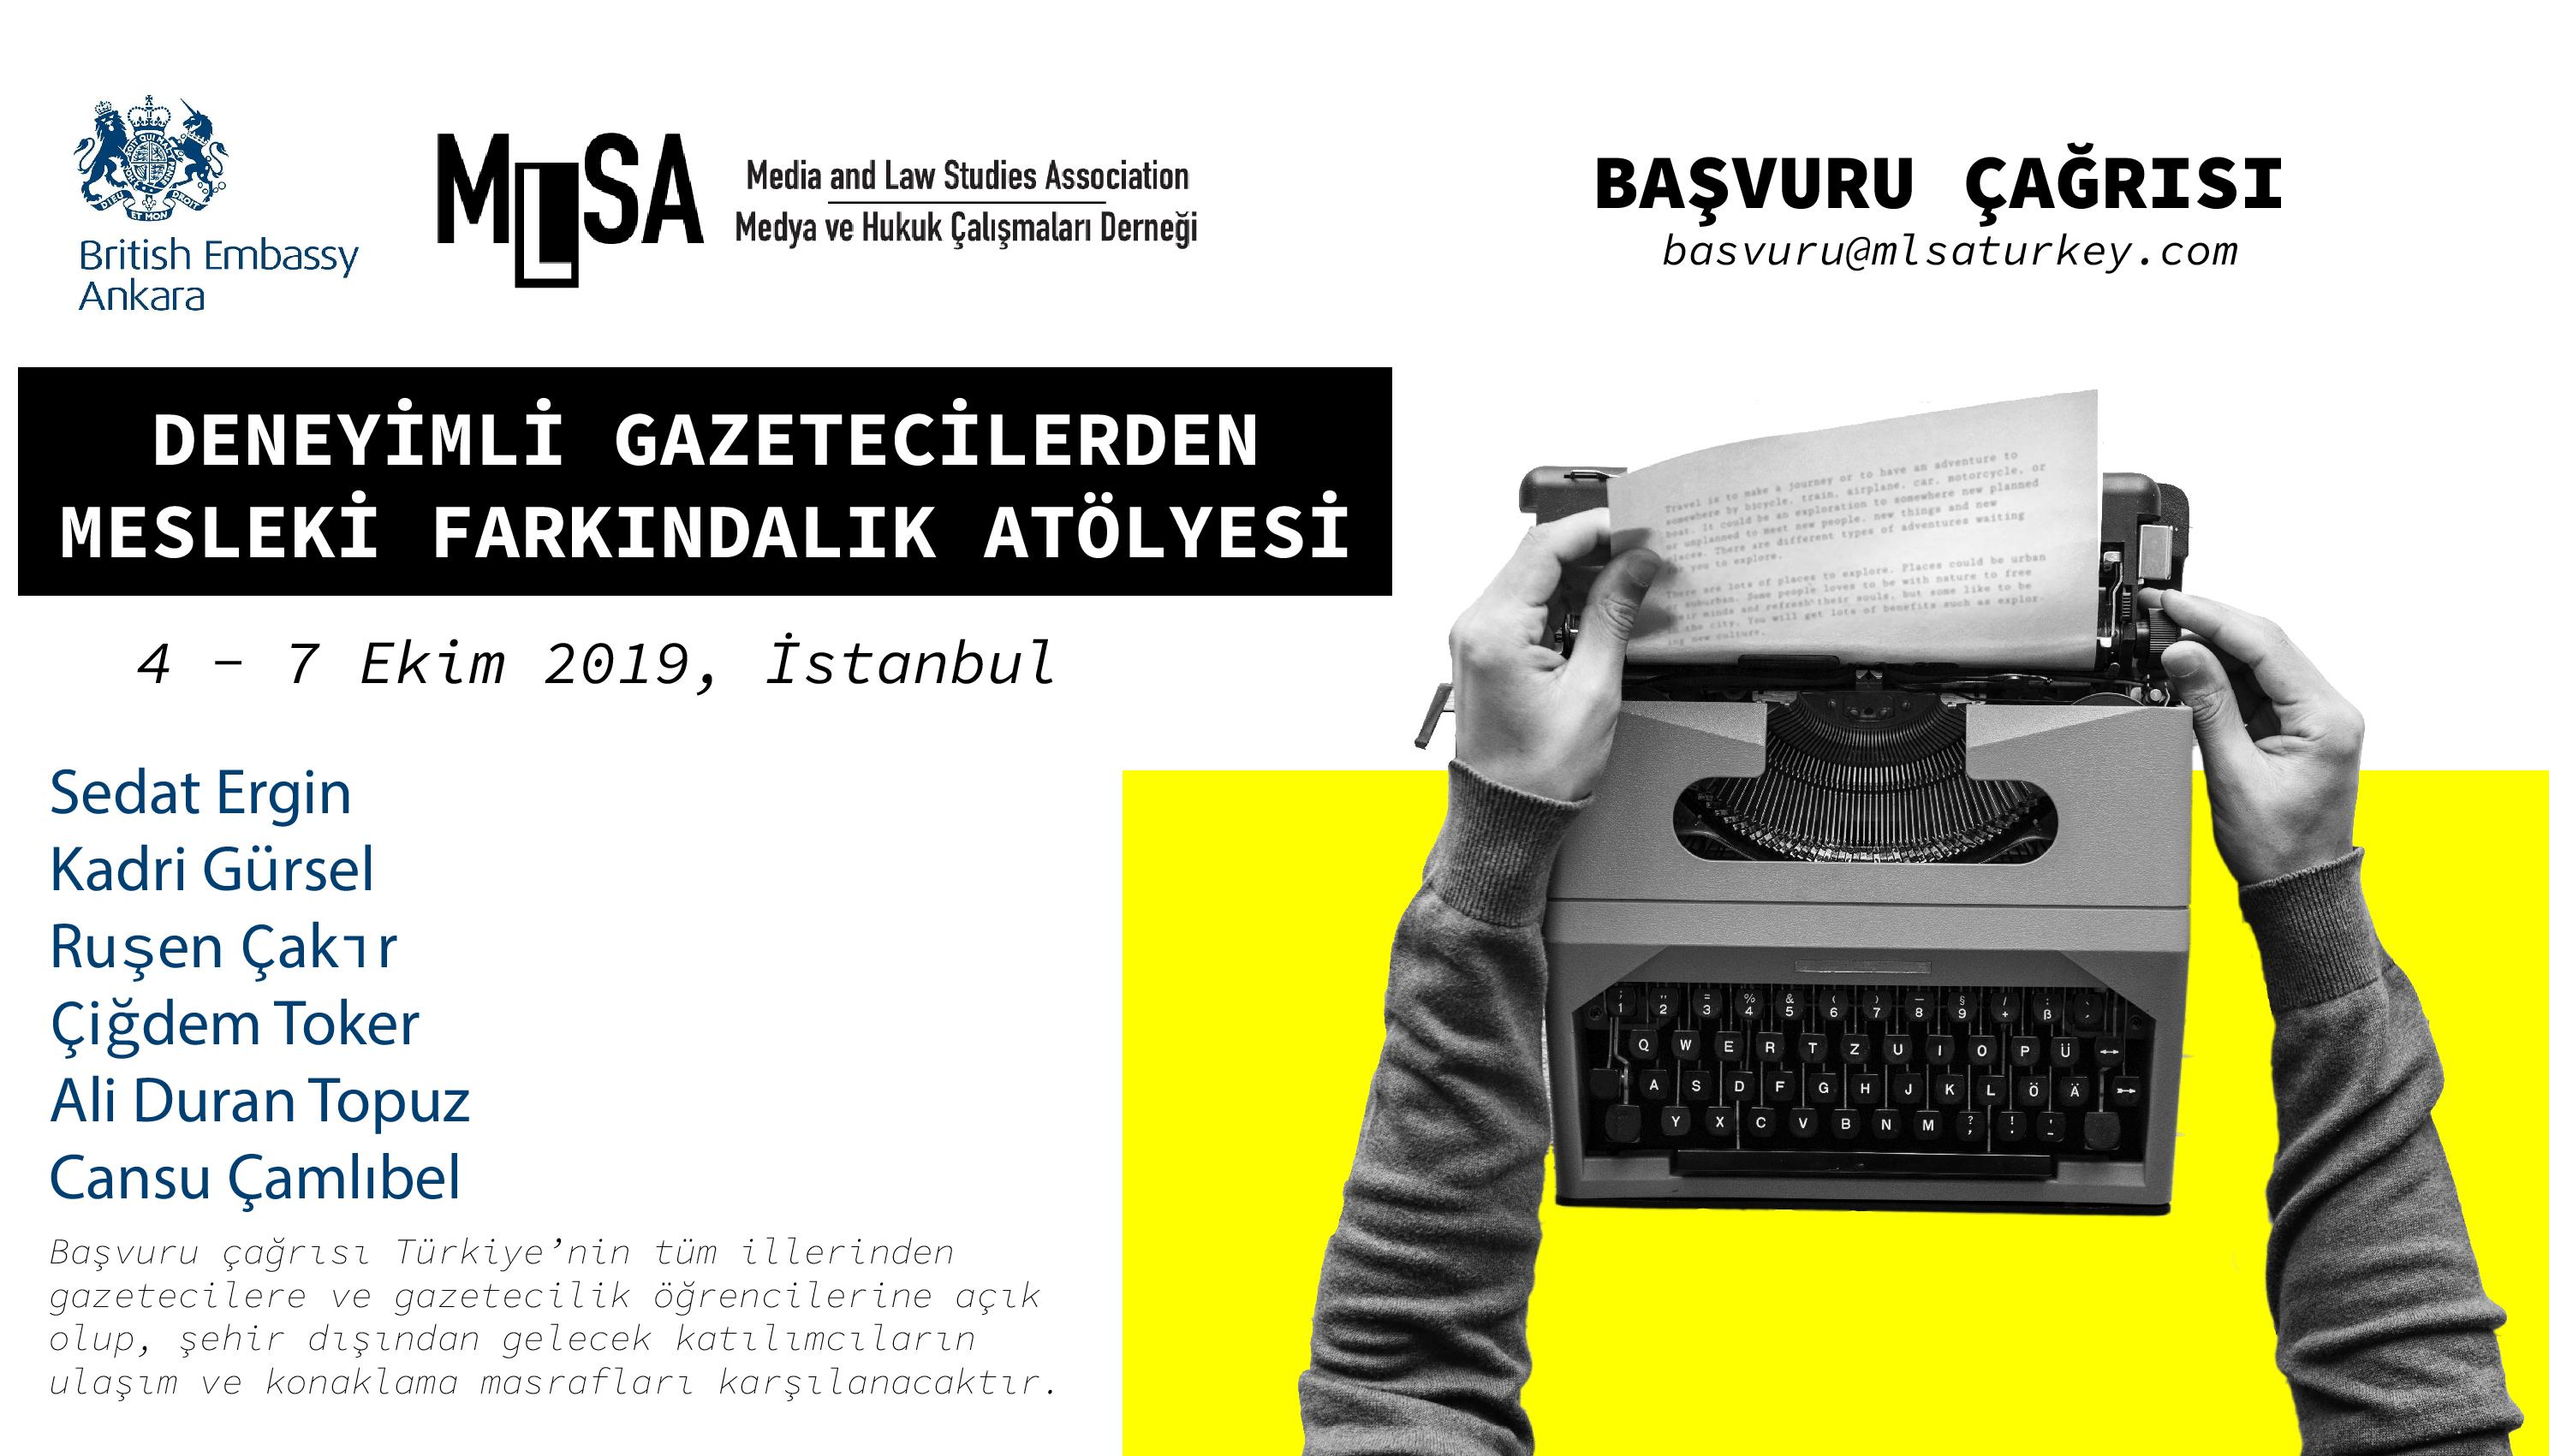 Başvuru Çağrısı: Deneyimli Gazetecilerden Mesleki Farkındalık Atölyesi - 4 - 7 Ekim 2019, İstanbul